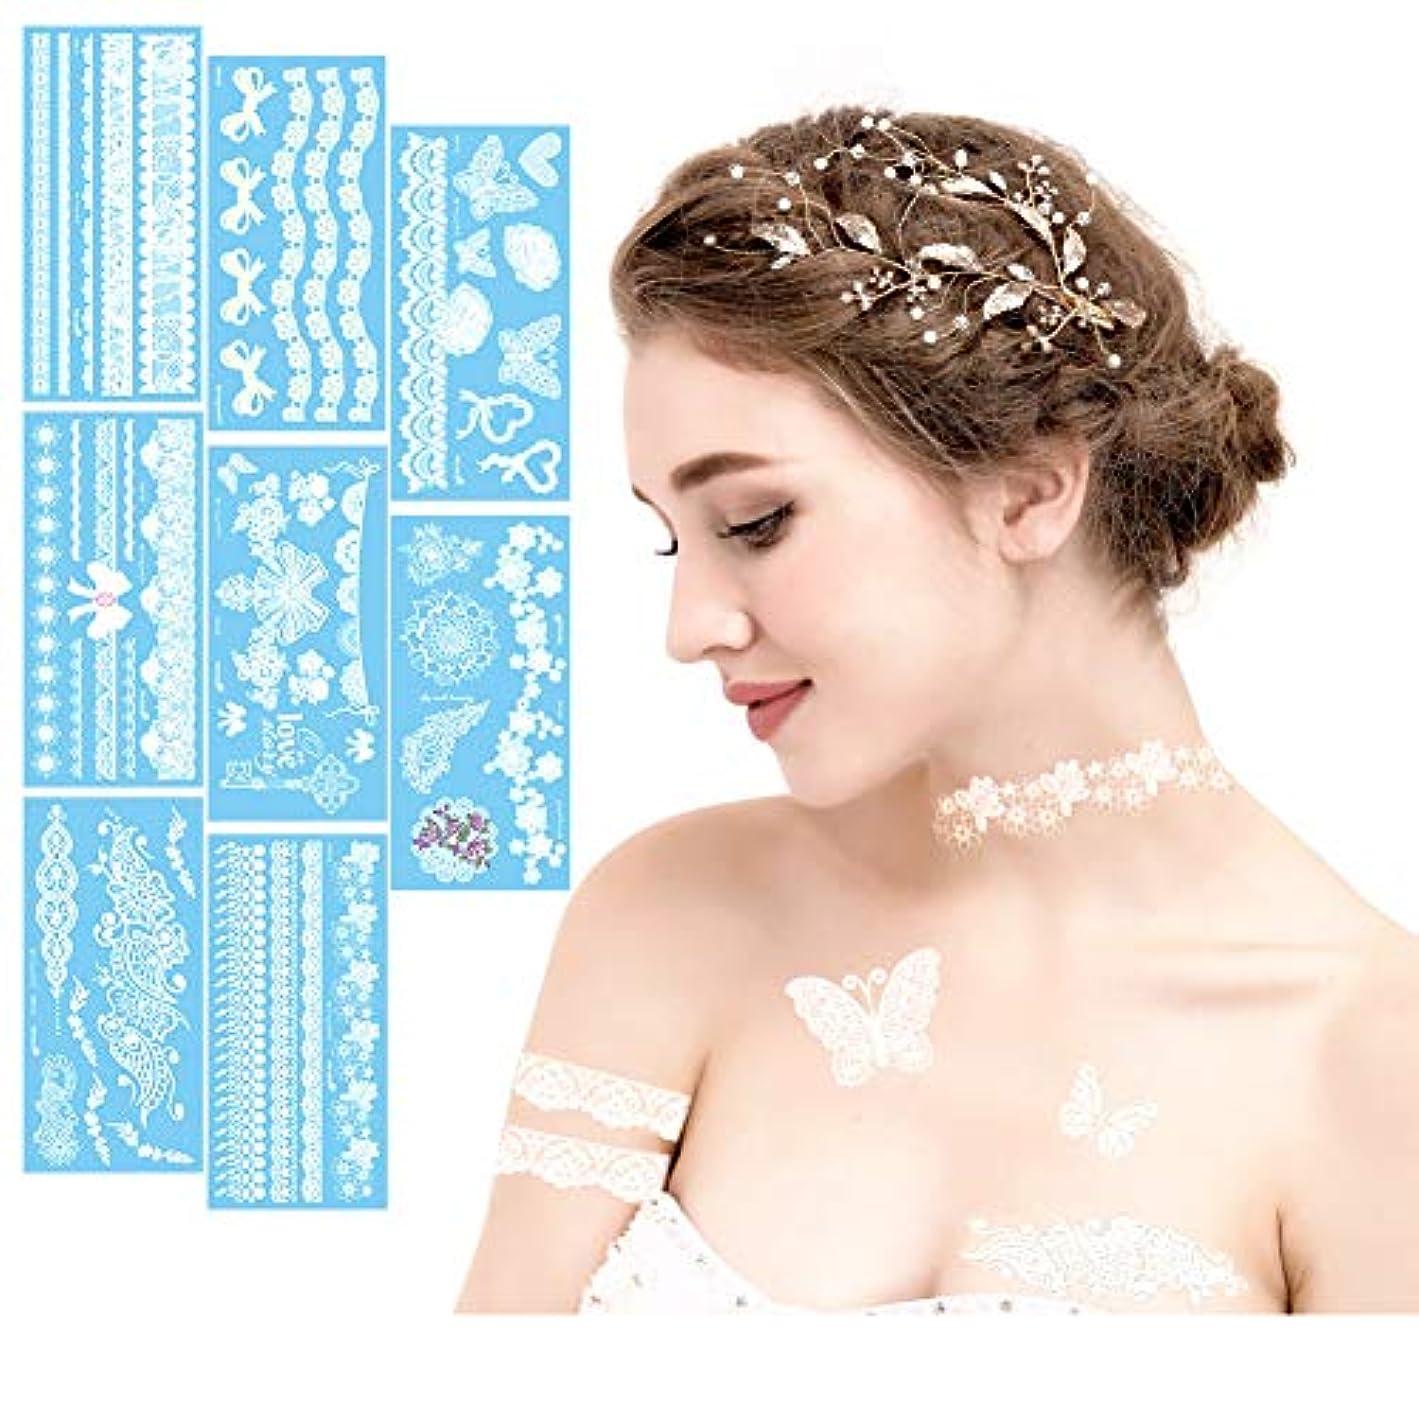 る診断するすずめタトゥーシール 女性用 白いレース 8枚 ファッション 一時的な入れ墨 セクシー 結婚式、旅行、パーティー、コスプレ用に TATTOO 誕生日プレゼント高品质 長持ち